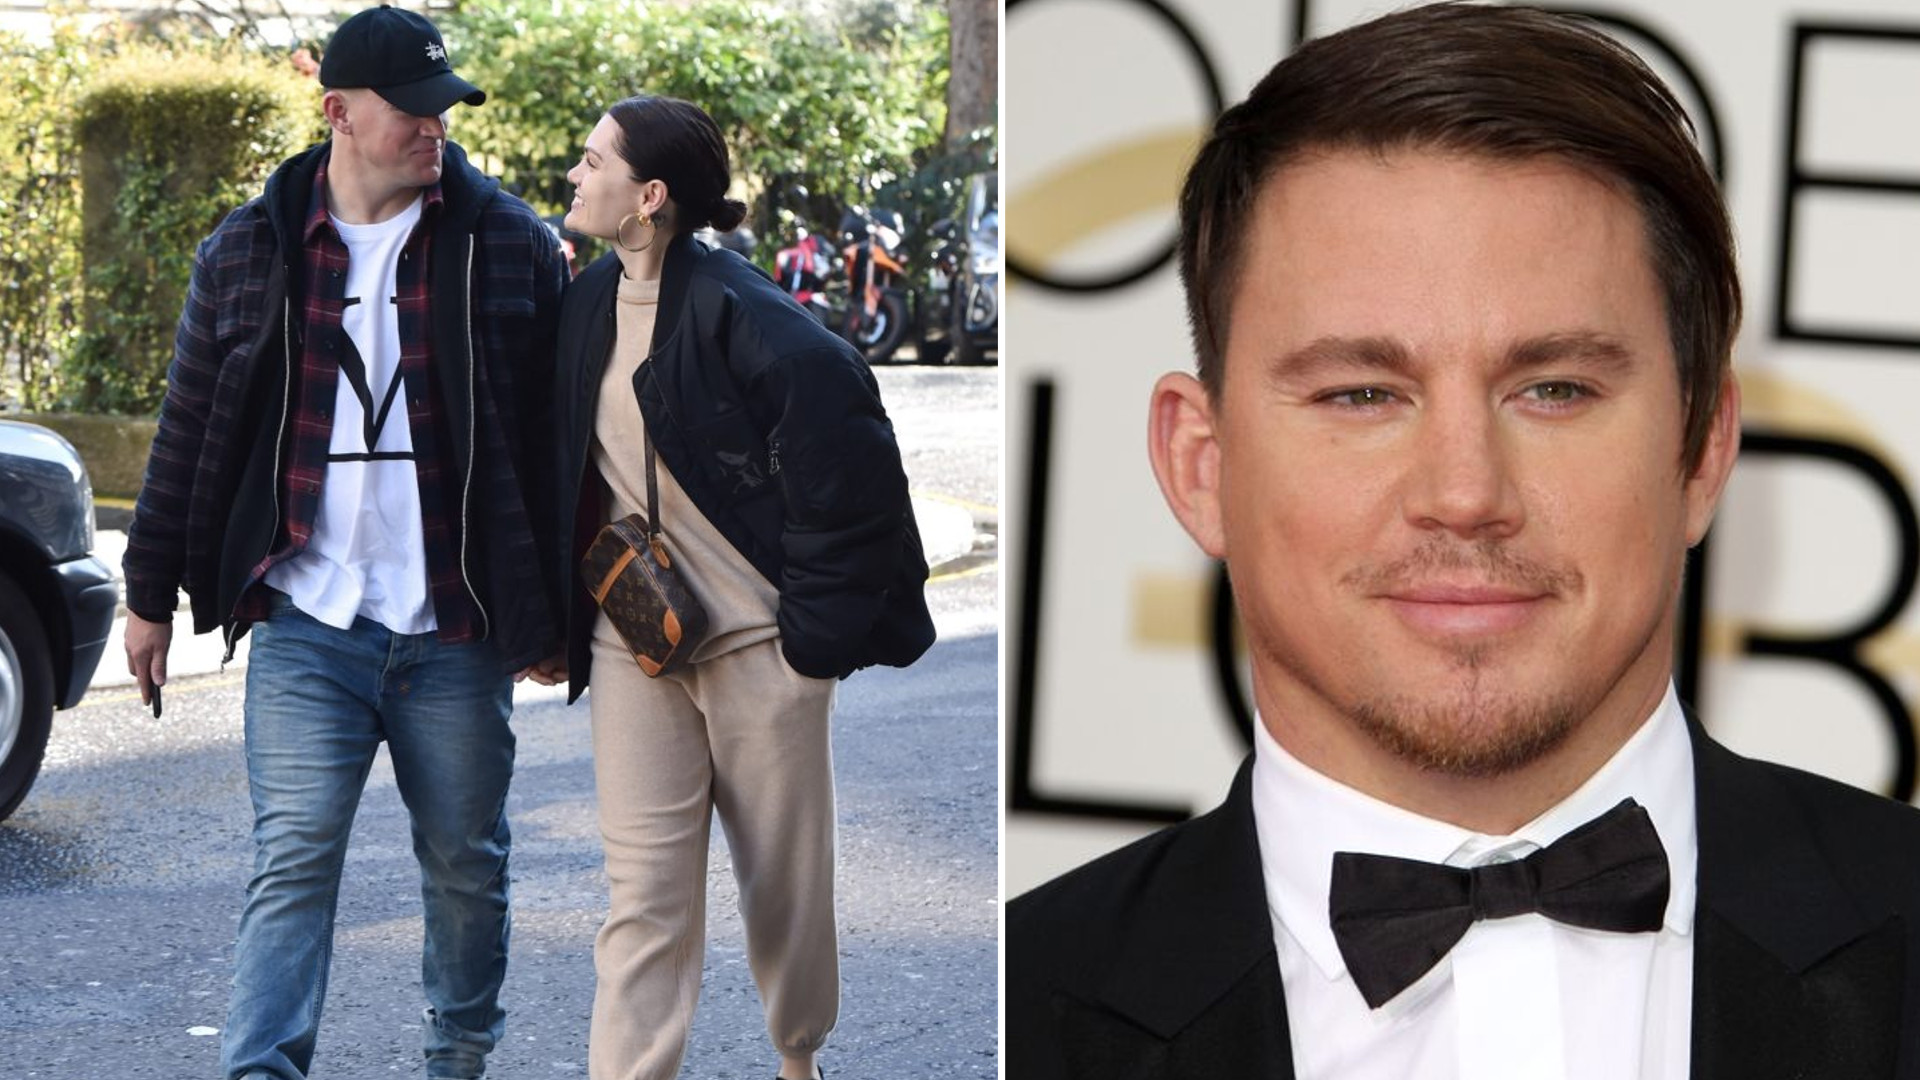 Fani odnaleźli randkowy profil Channinga Tatuma. Aktor długo nie płakał po rozstaniu z Jessie J